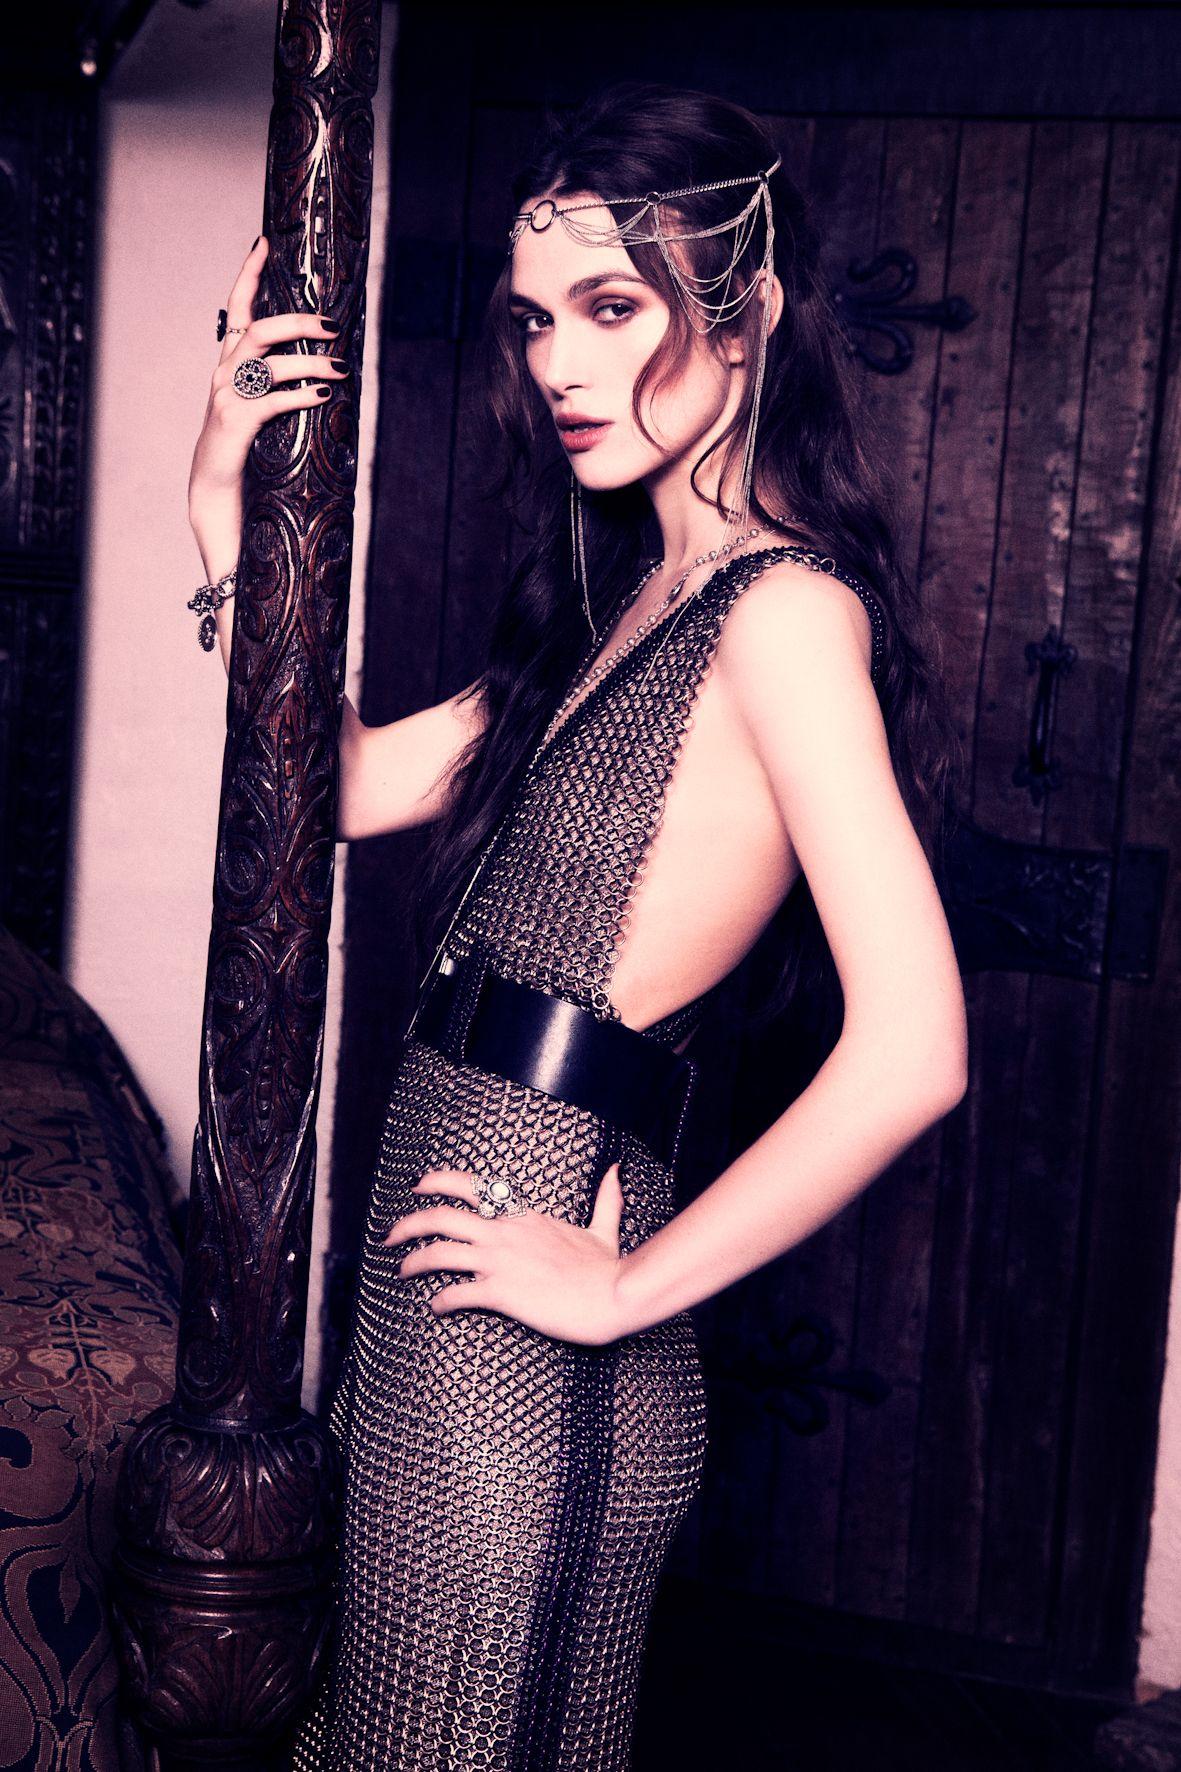 Keira Knightley photographed by Ellen von Unwerth